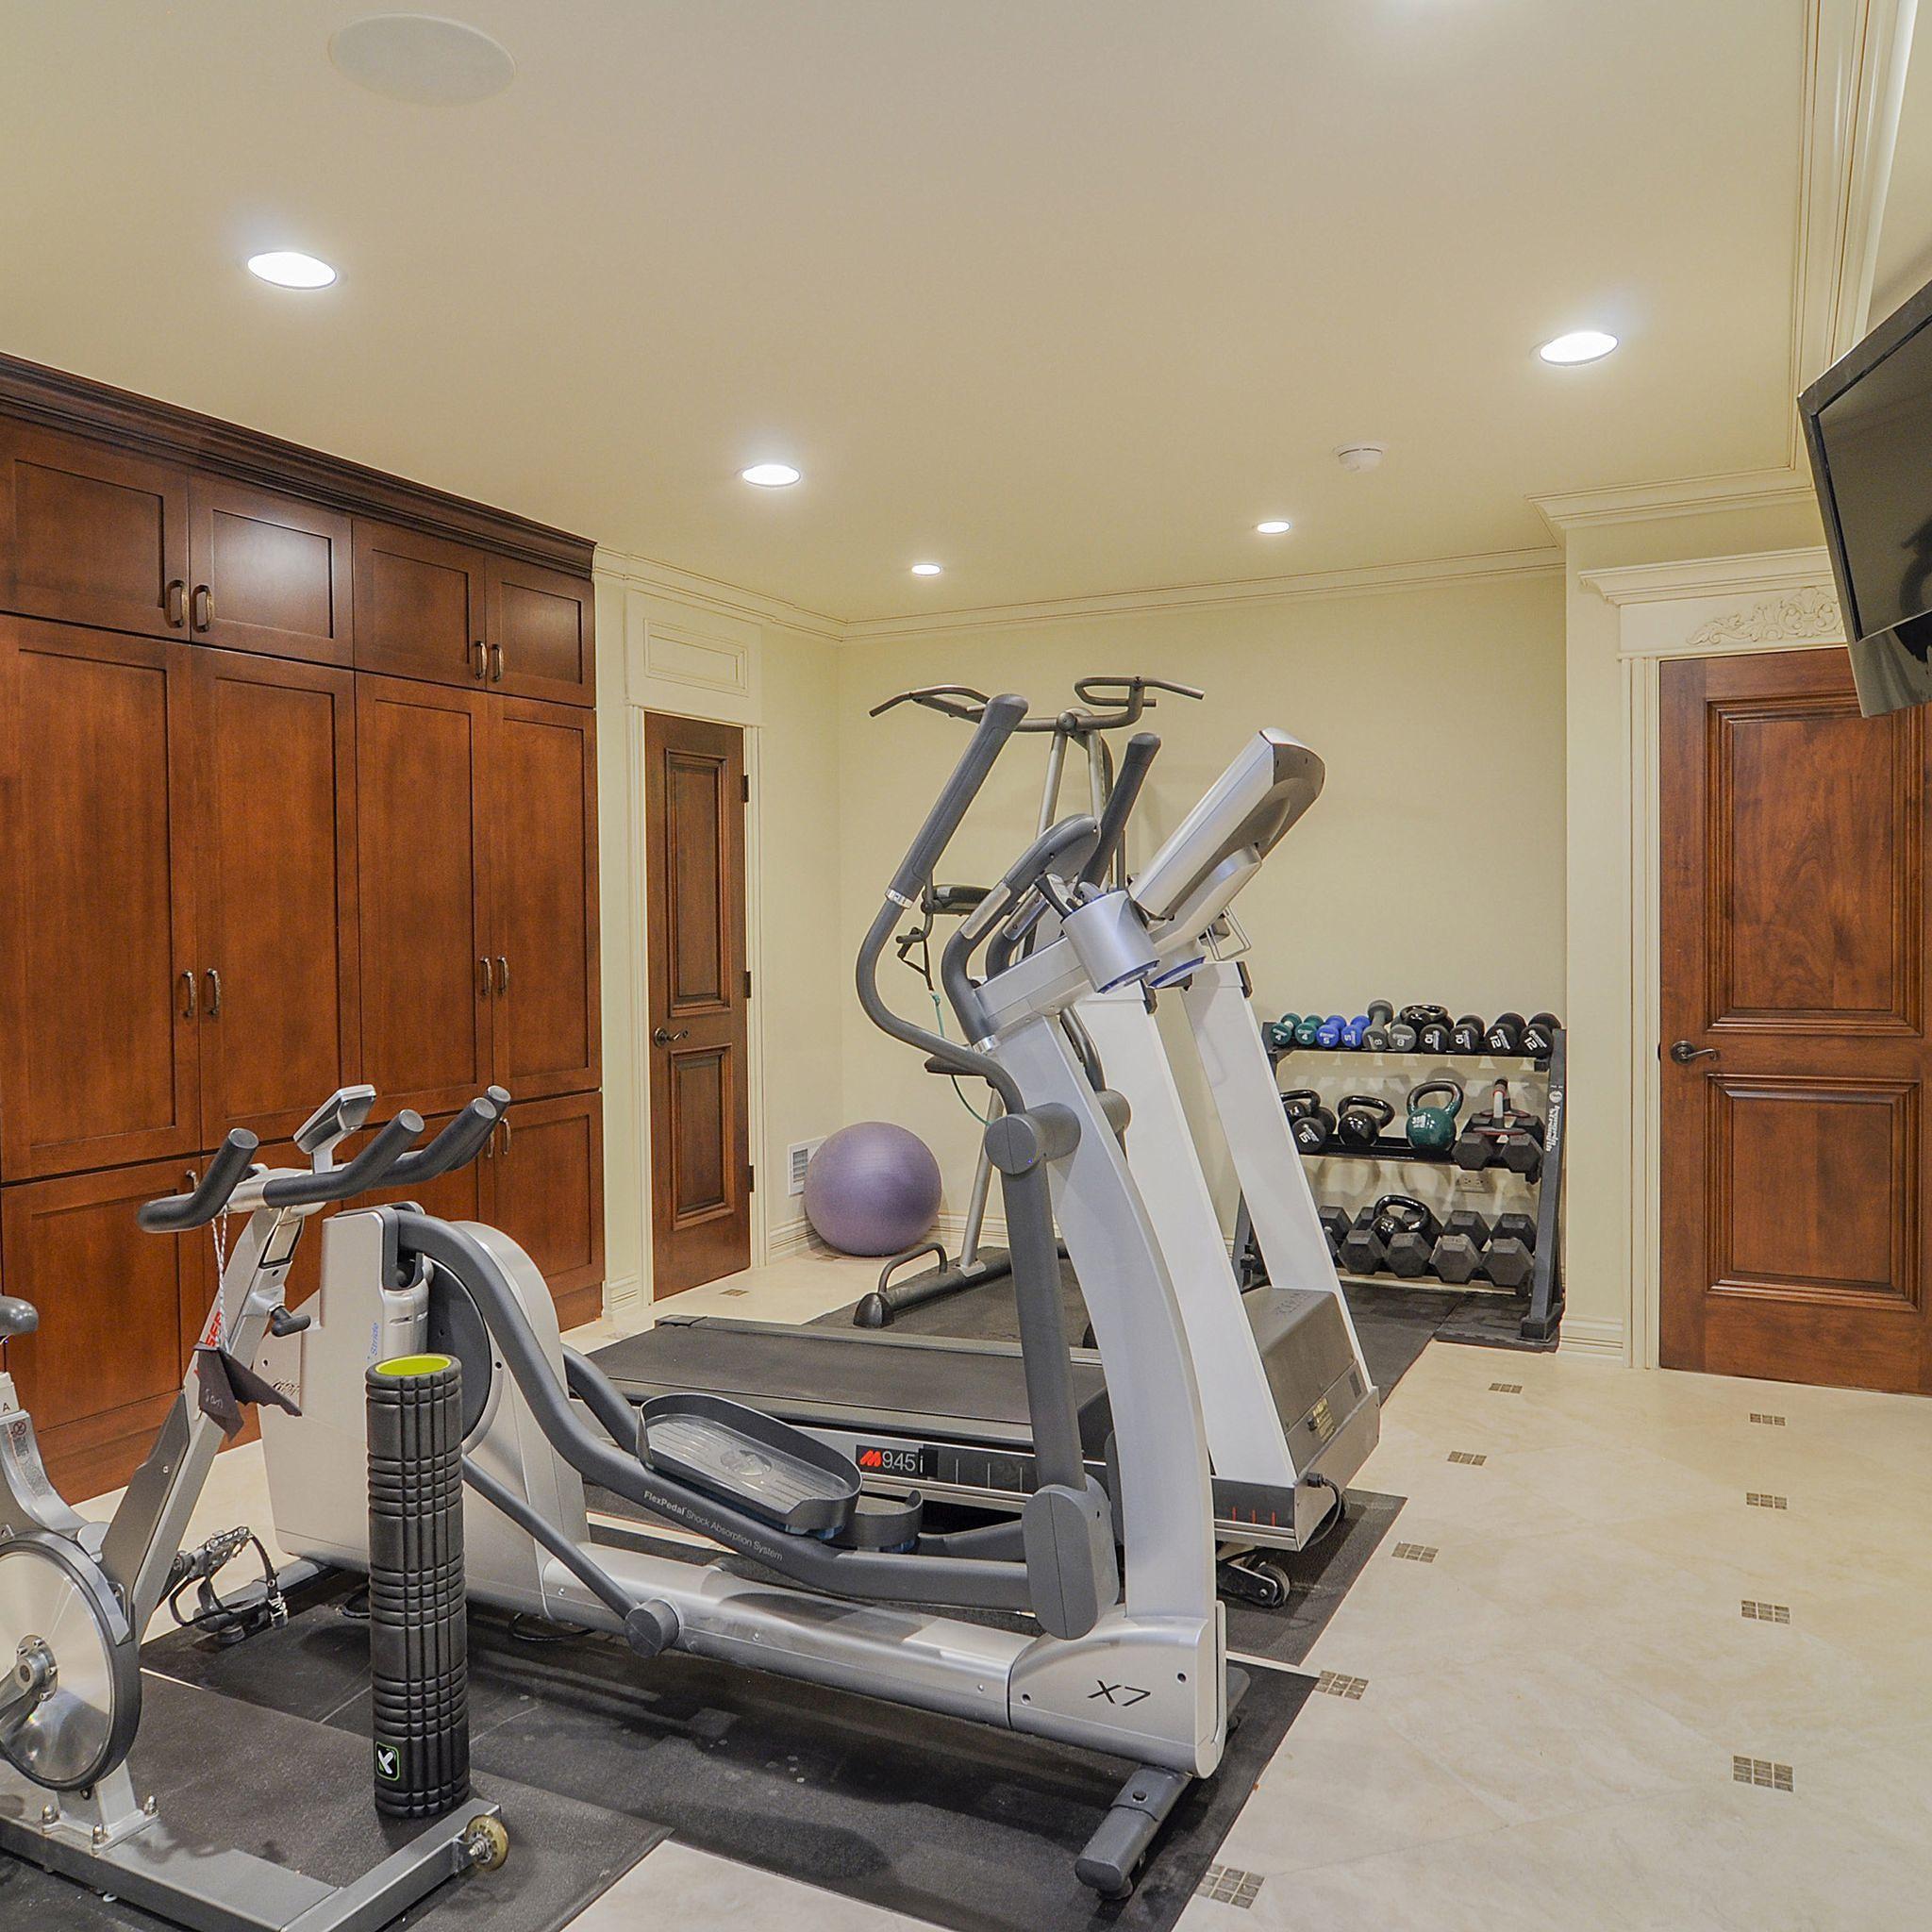 I Wish I Had A Home Gym Like This One Sebringservices Home Gym Design Basement Gym Gym Decor